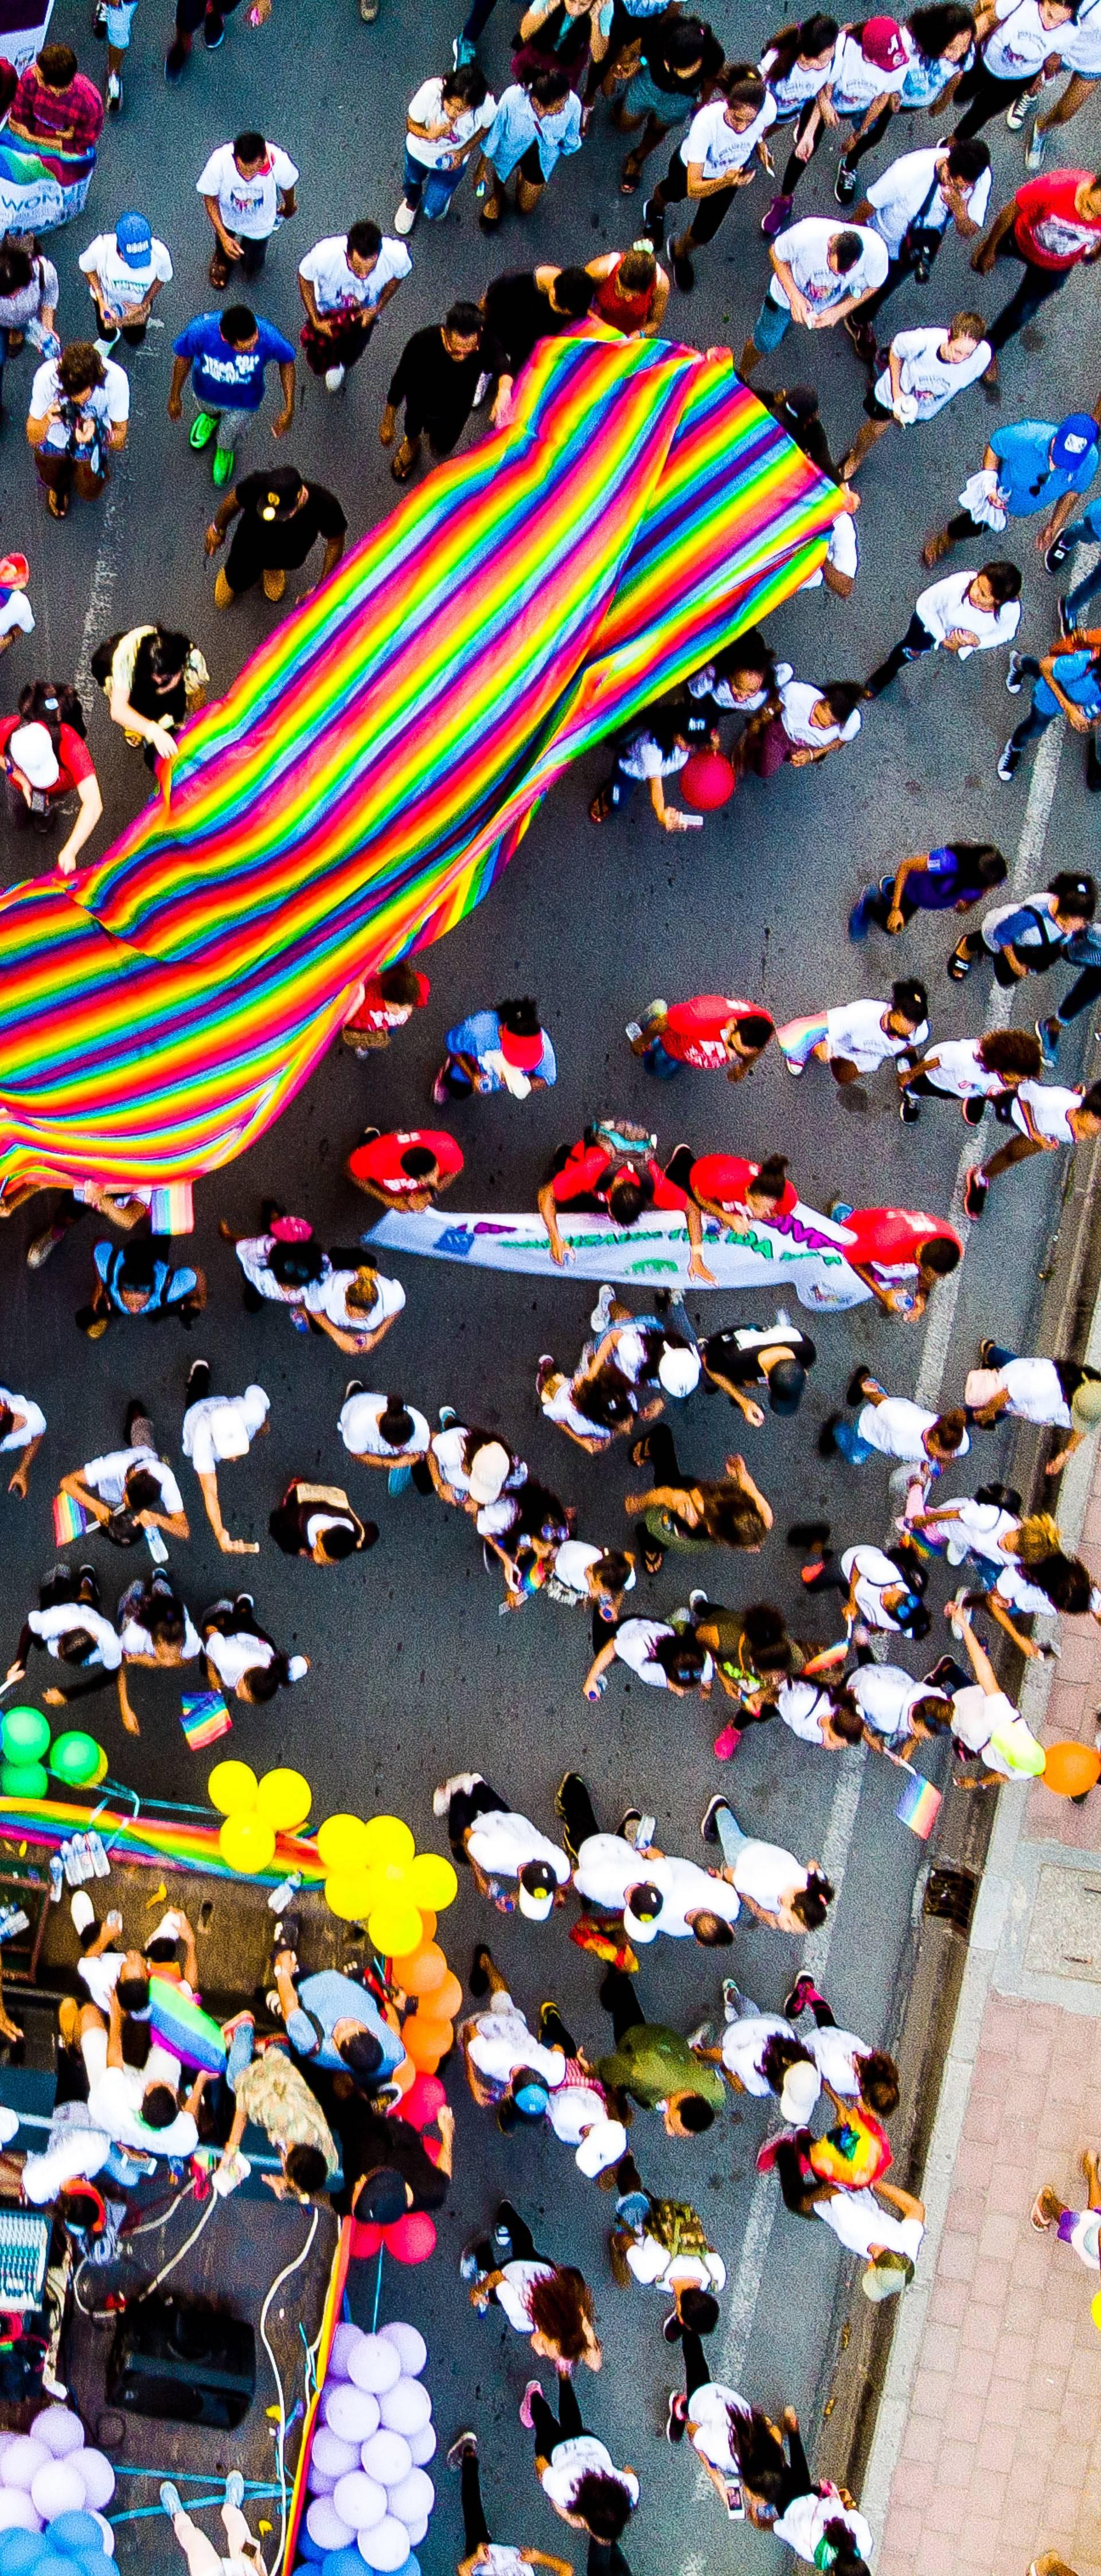 Što je rod, spol, nebinarno ili trans i cisrodno? Donosimo sva objašnjenja termina i razlike